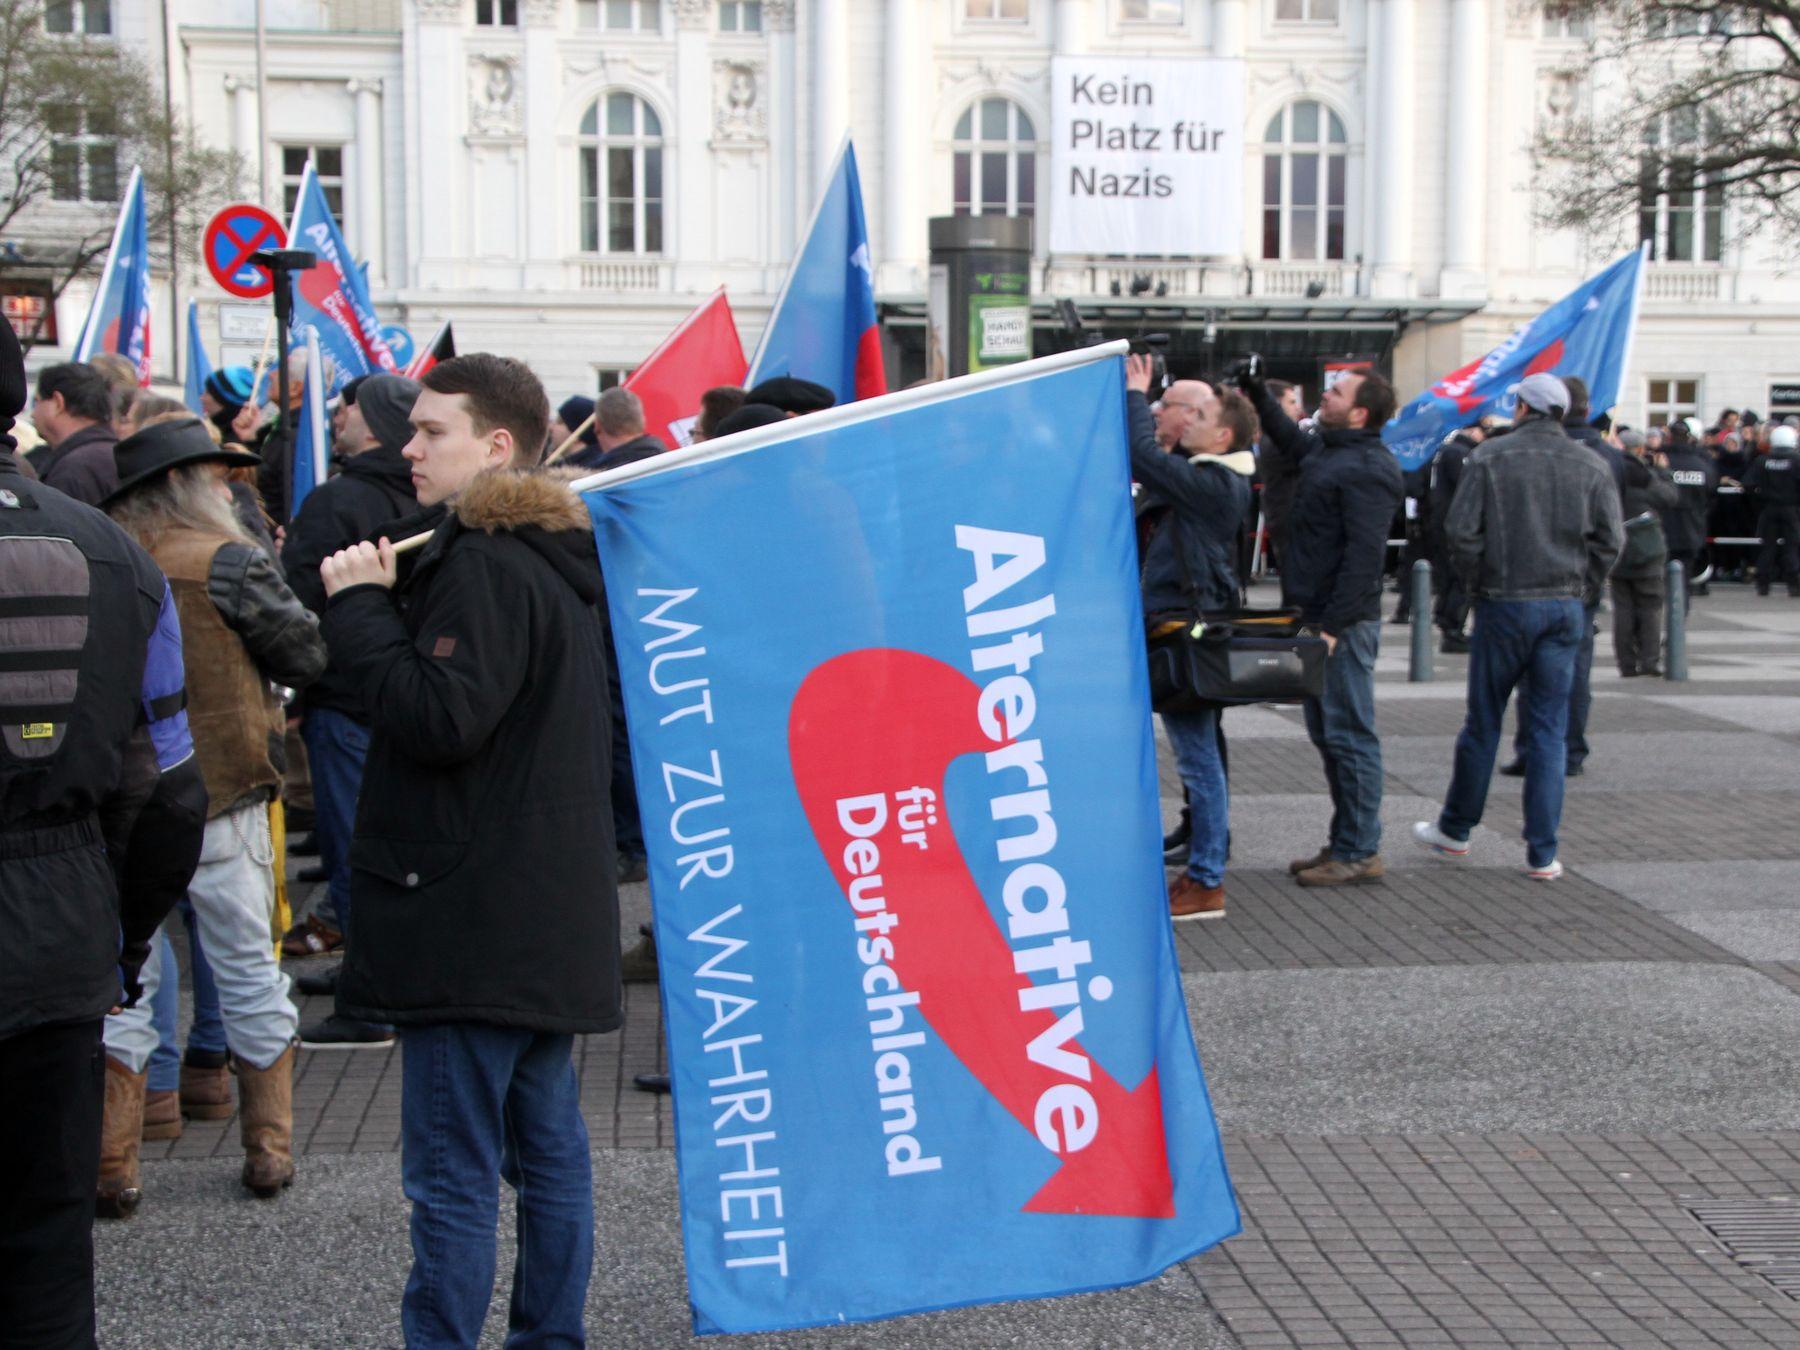 AFD, Kundgebung, Schauspielhaus, Hamburg, Kein Platz für Nazis